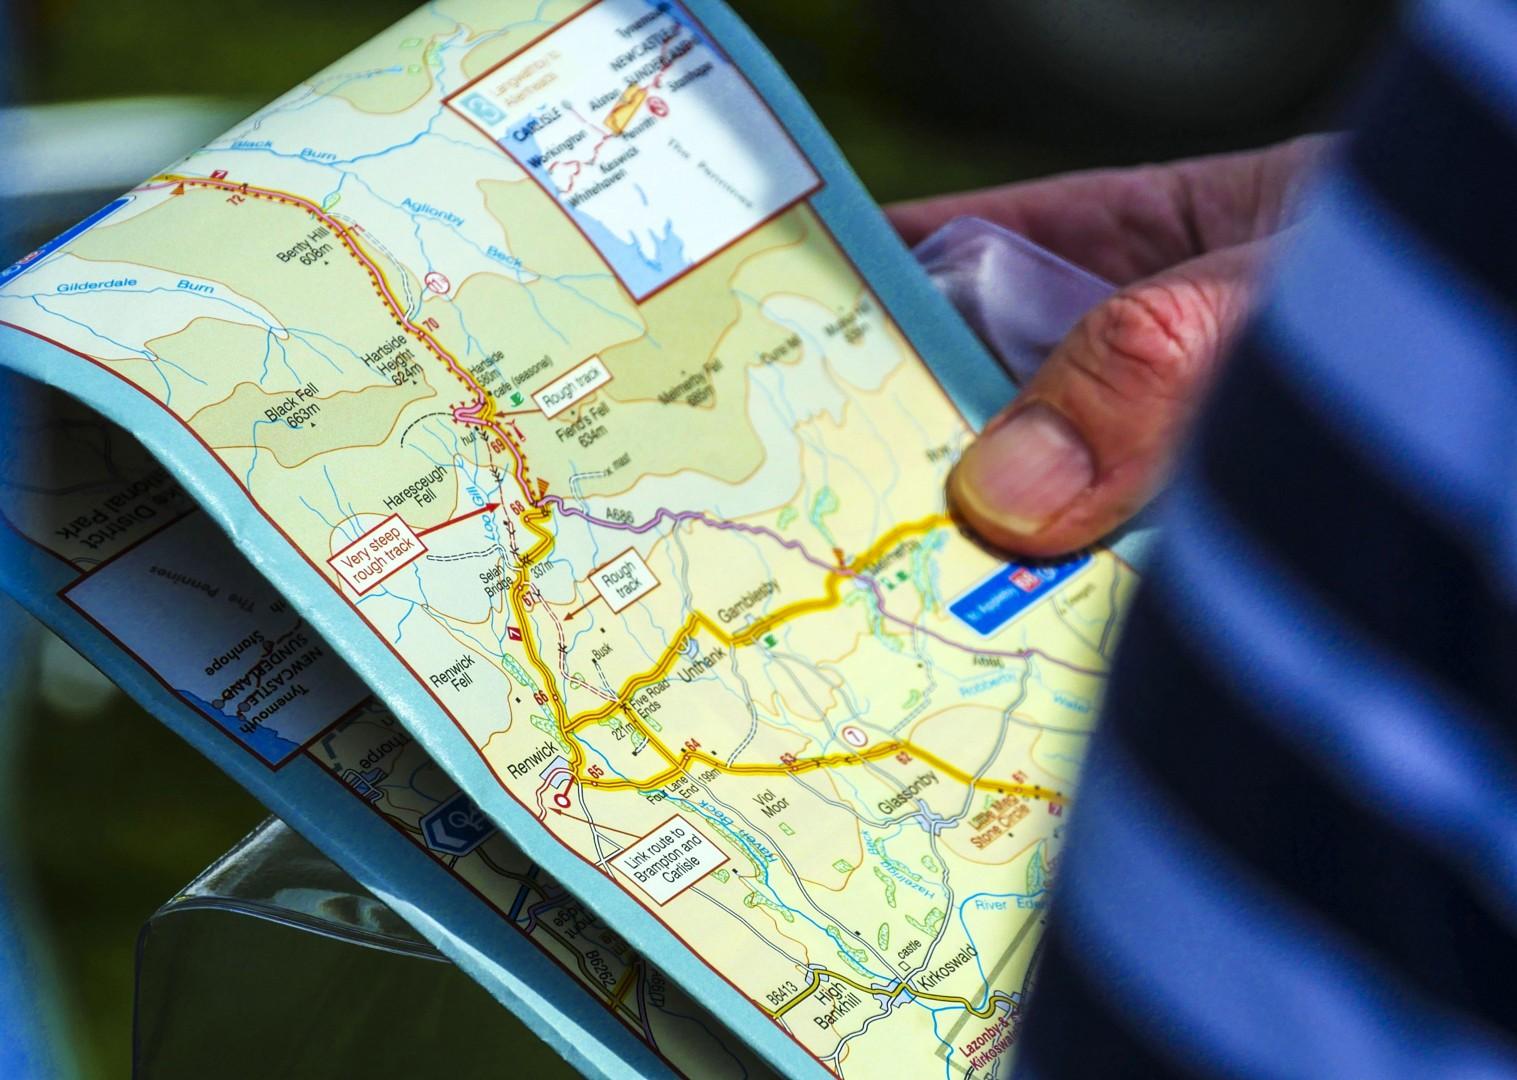 maps-self-guided-england-cycling-c2c-saddle-skedaddle.jpg - UK - C2C - Coast to Coast 4 Days Cycling - Self-Guided Leisure Cycling Holiday - Leisure Cycling